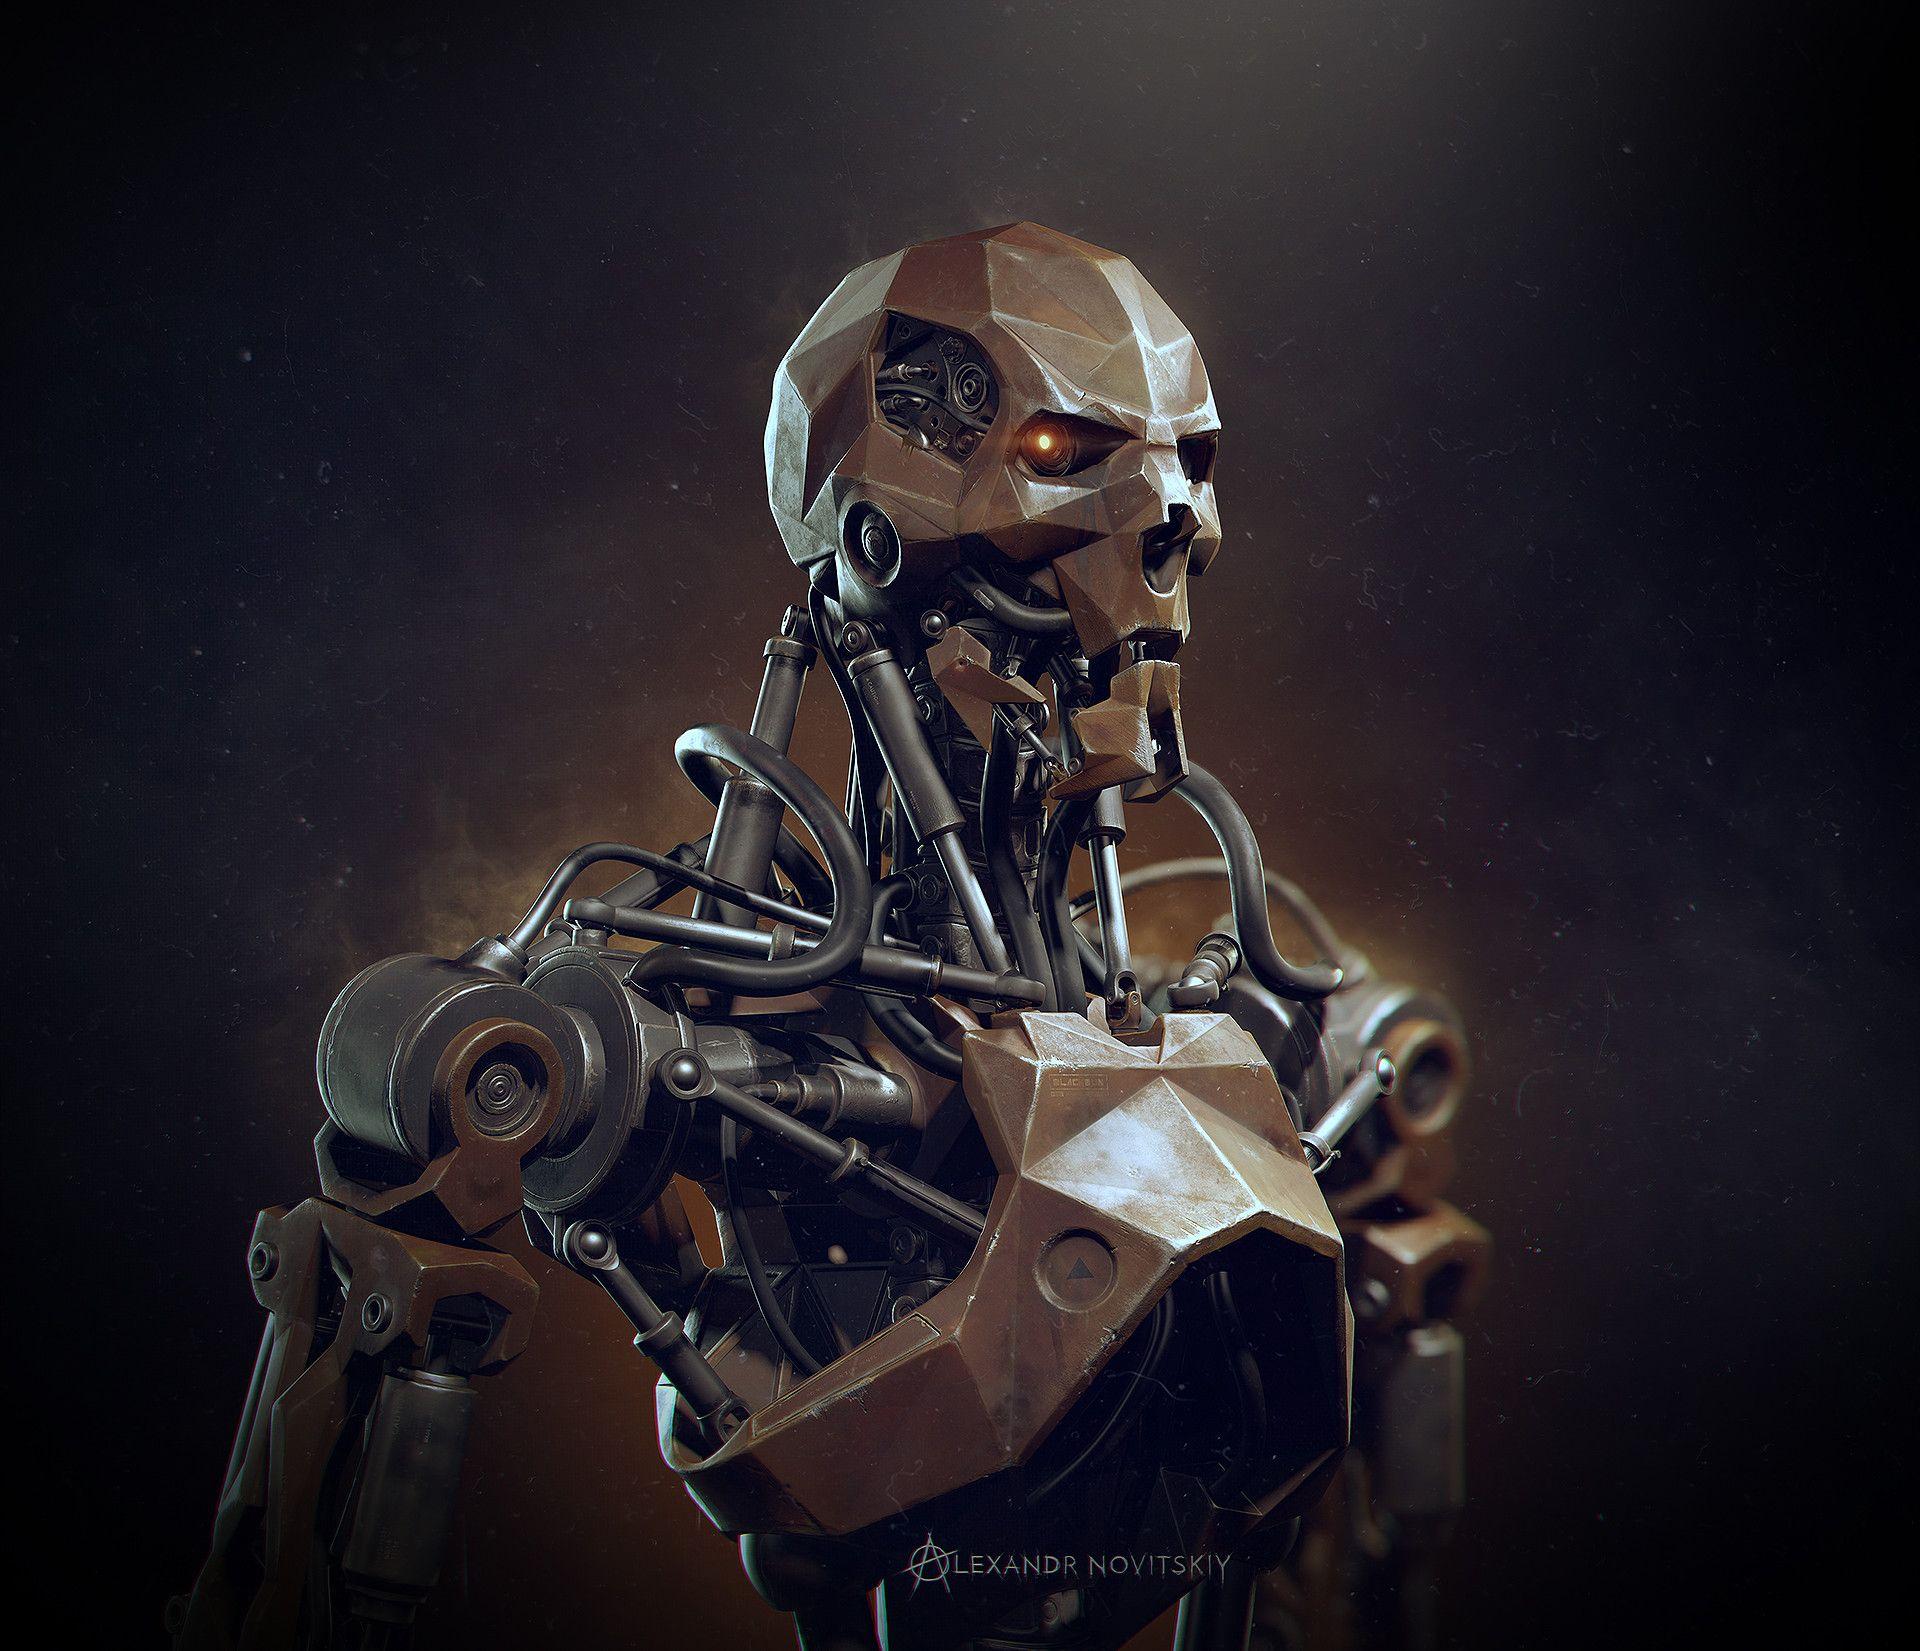 ArtStation - The War Machine, Alexandr Novitskiy